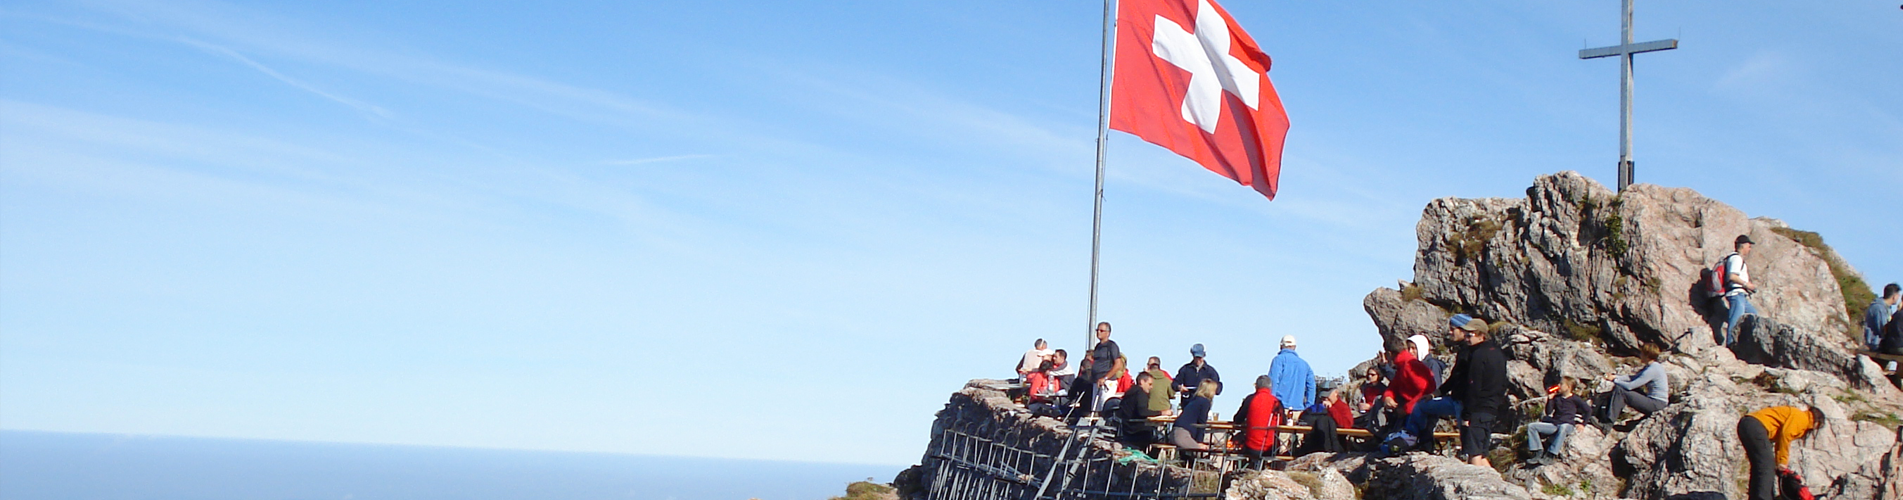 Gipfelwanderungen: Zum Gipfelglück hoch hinaus wandern